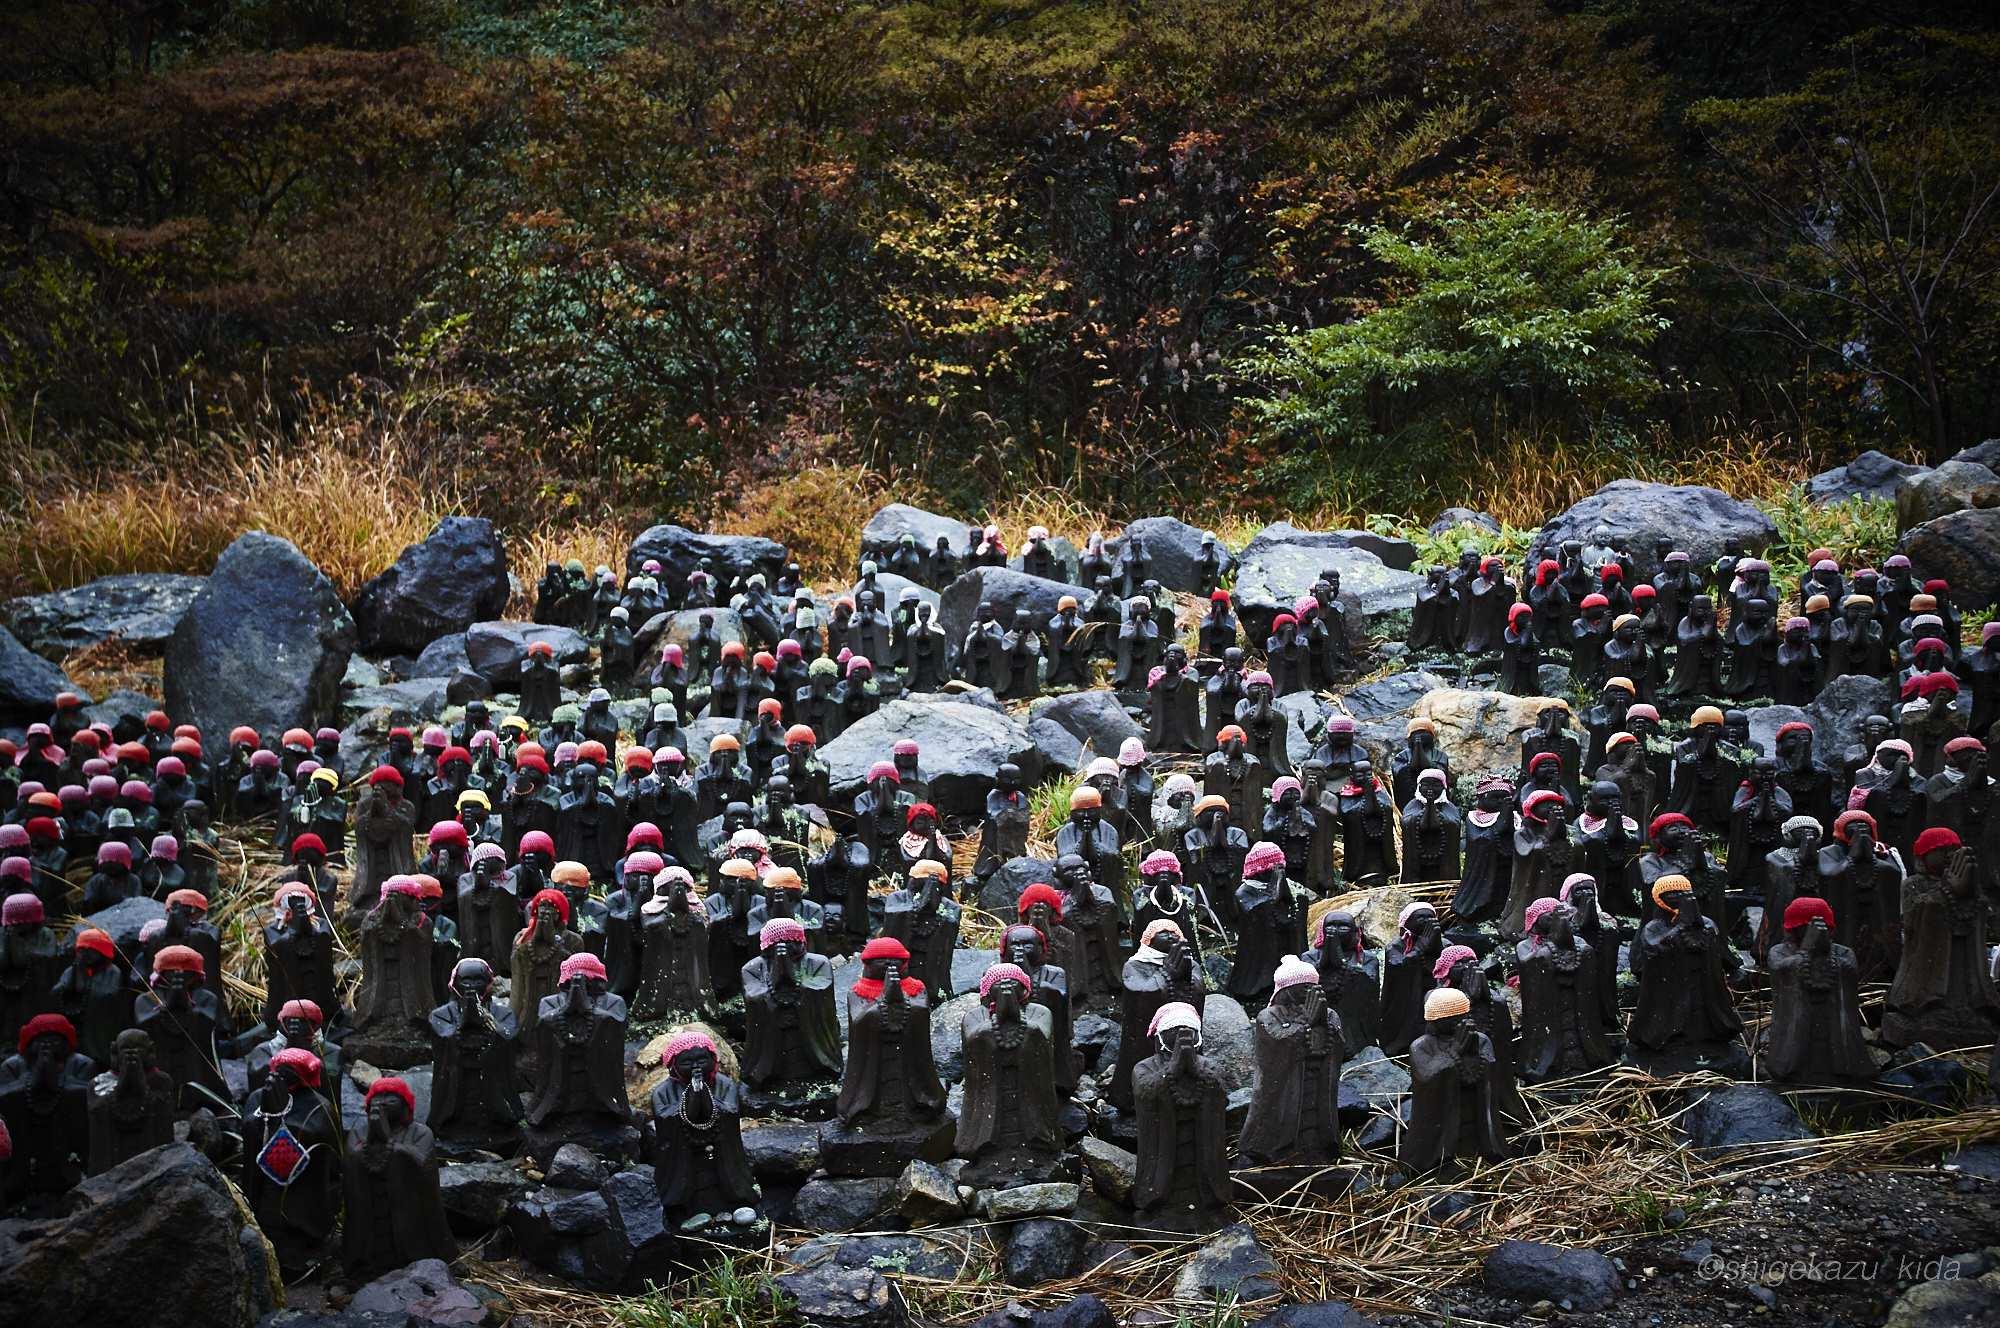 那須岳の殺生石の千体地蔵